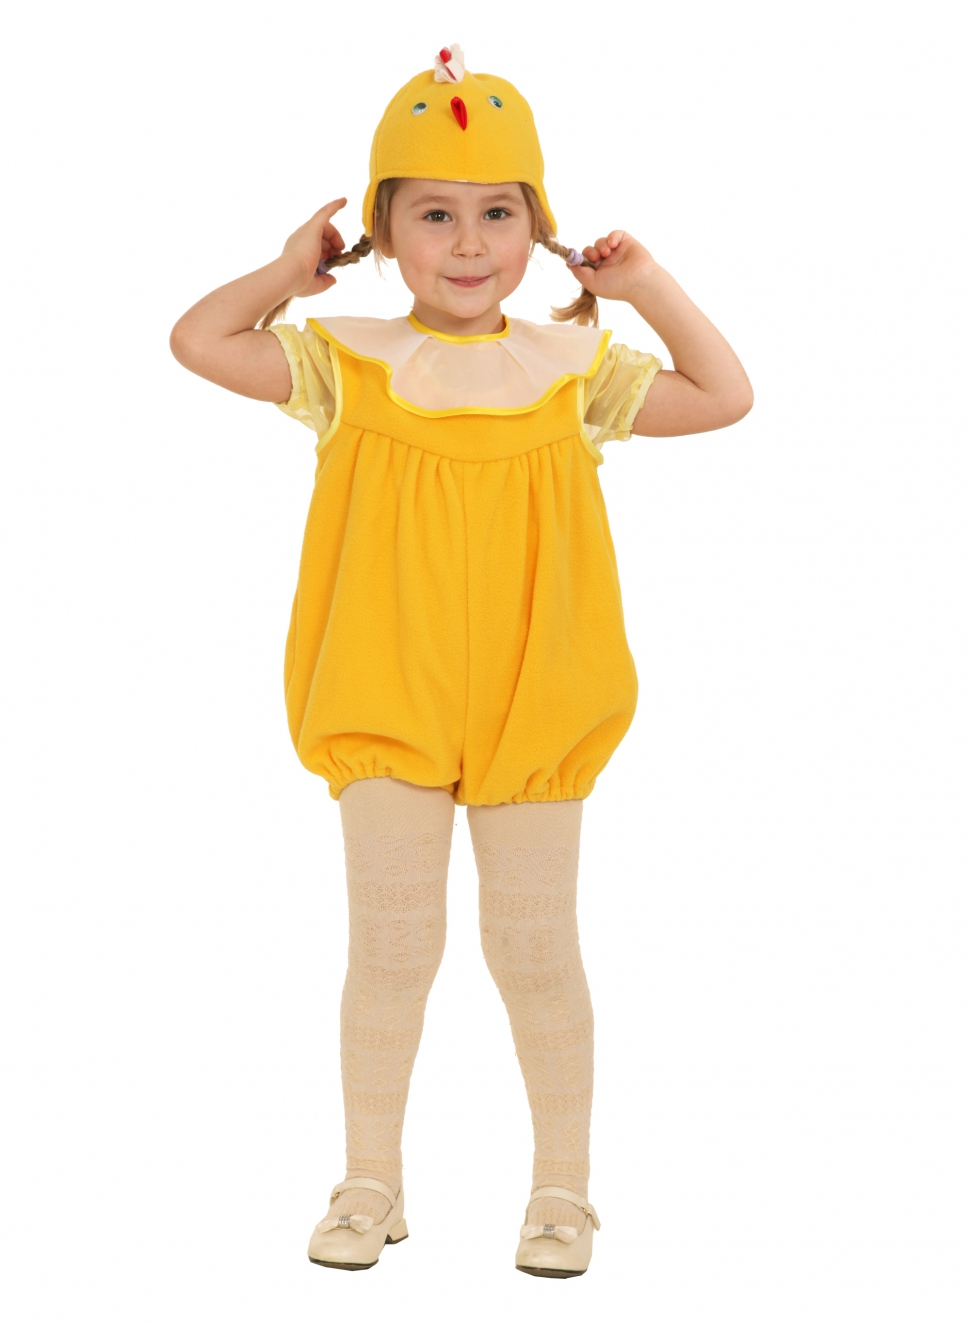 Выкройка костюма цыпленка для девочки своими руками